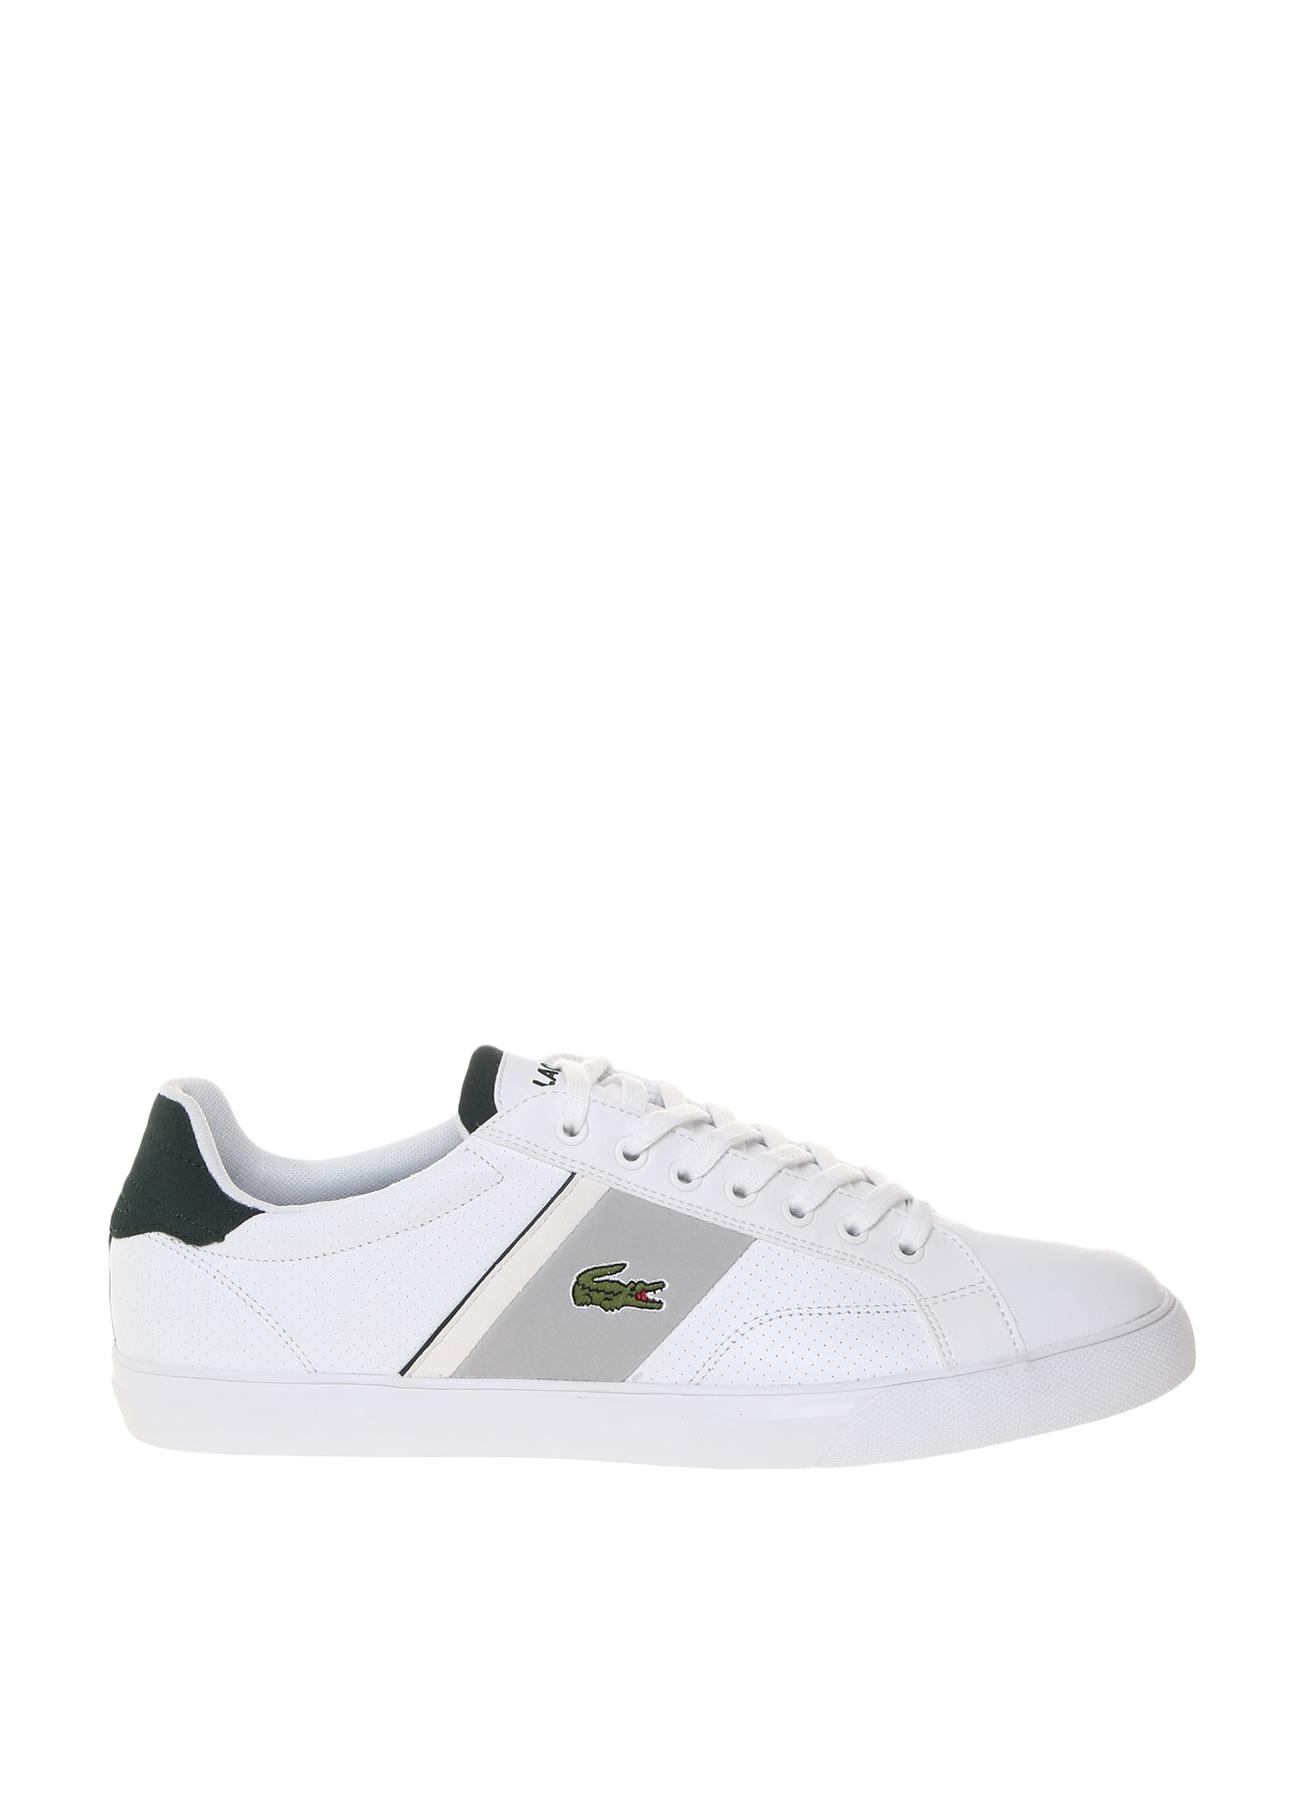 Lacoste Erkek Deri Beyaz Günlük Ayakkabı 41 5000203178003 Ürün Resmi